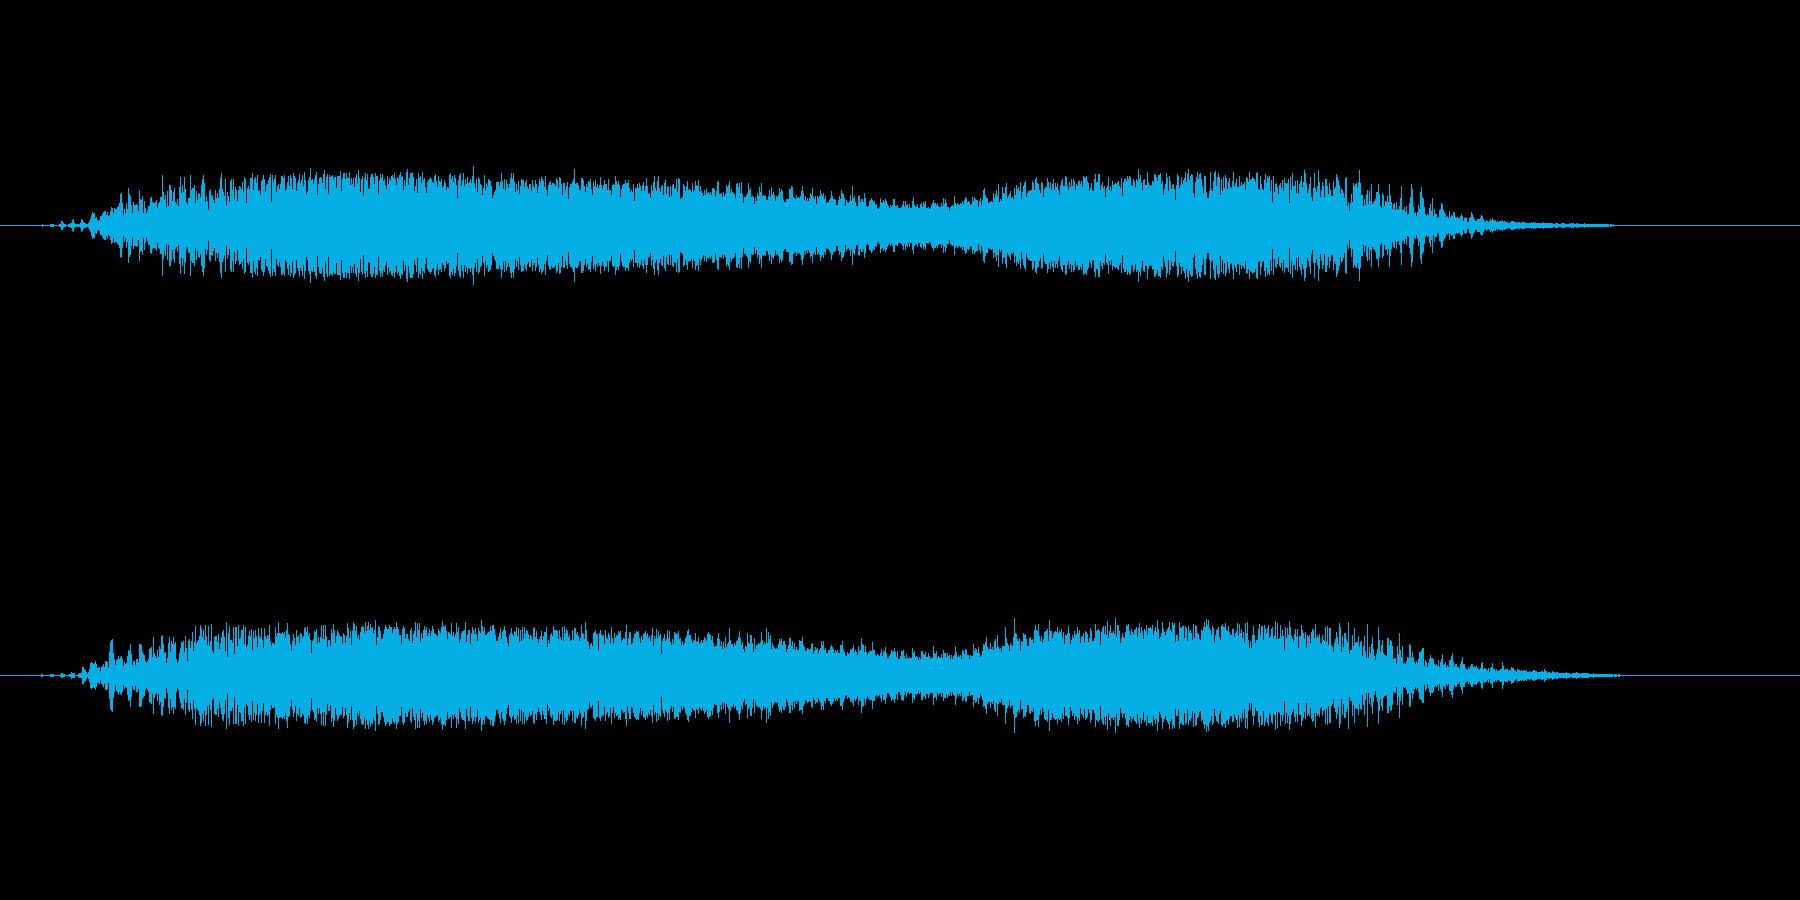 宇宙をイメージしたサウンドエフェクトの再生済みの波形